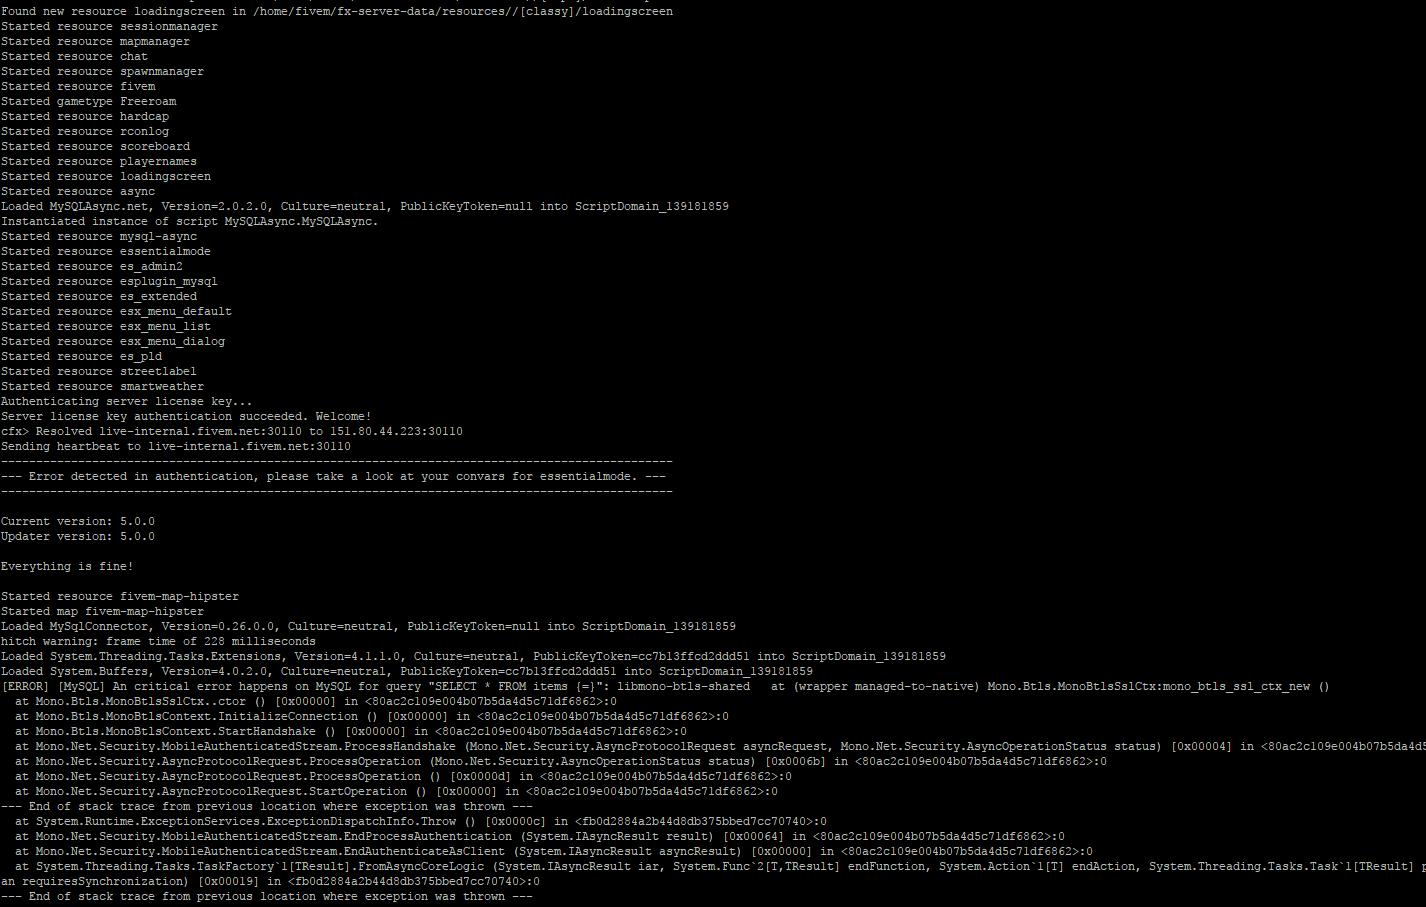 HELP] Weird mysql error after server launches - Server